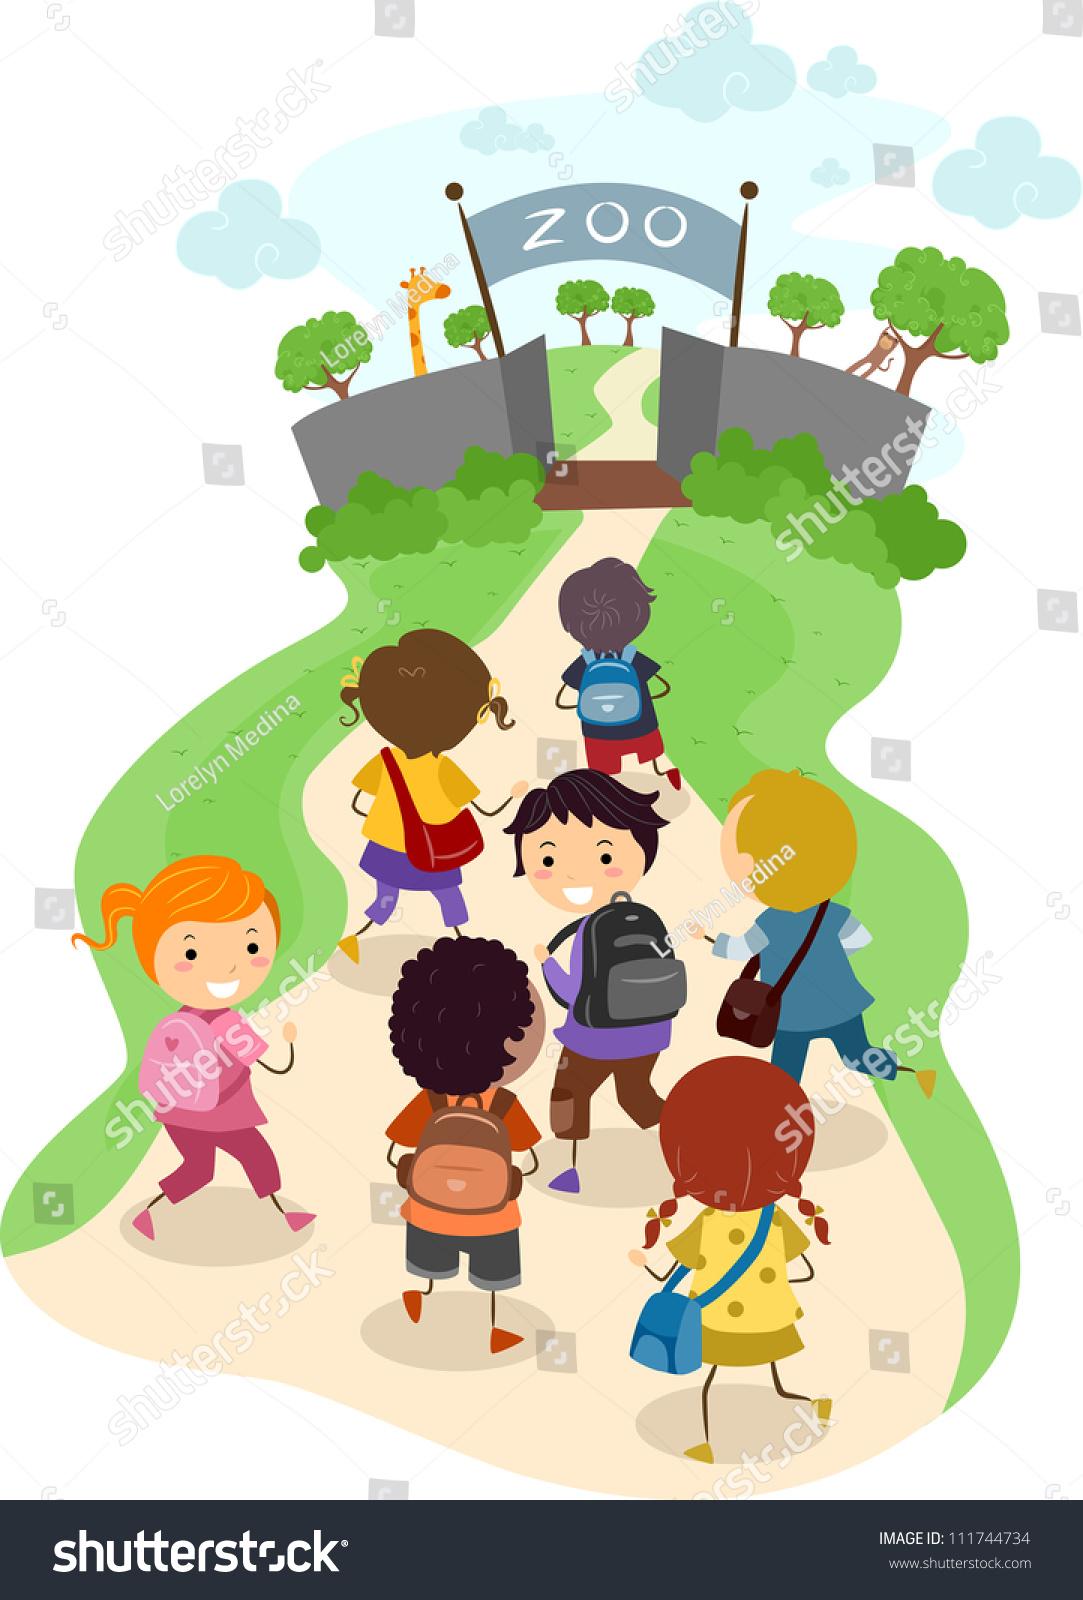 孩子们在去动物园的路上的一个例子-人物-海洛创意()